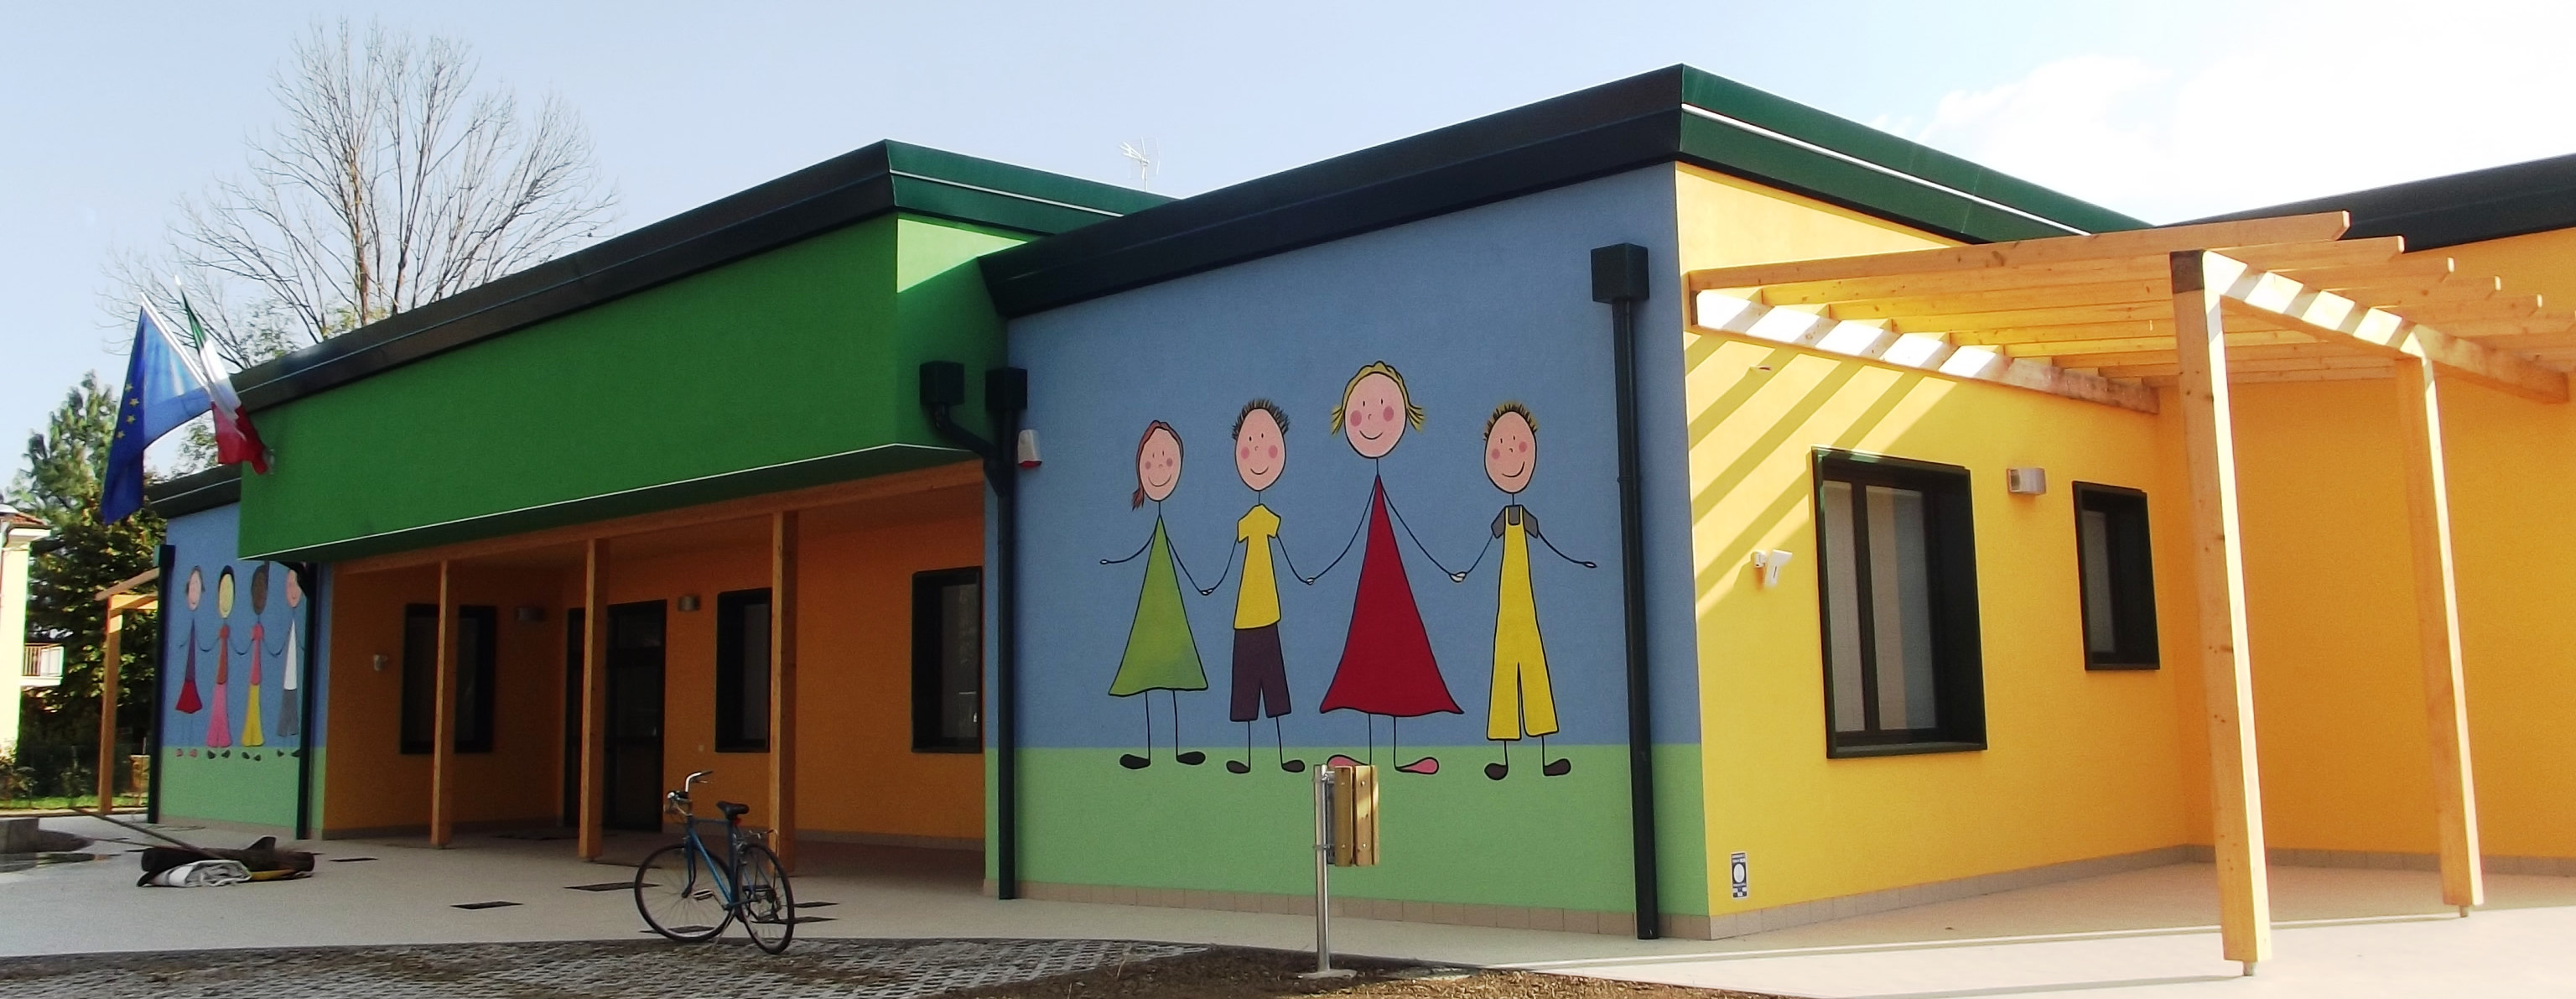 Inaugurata una nuova scuola post-sisma a Mirandola